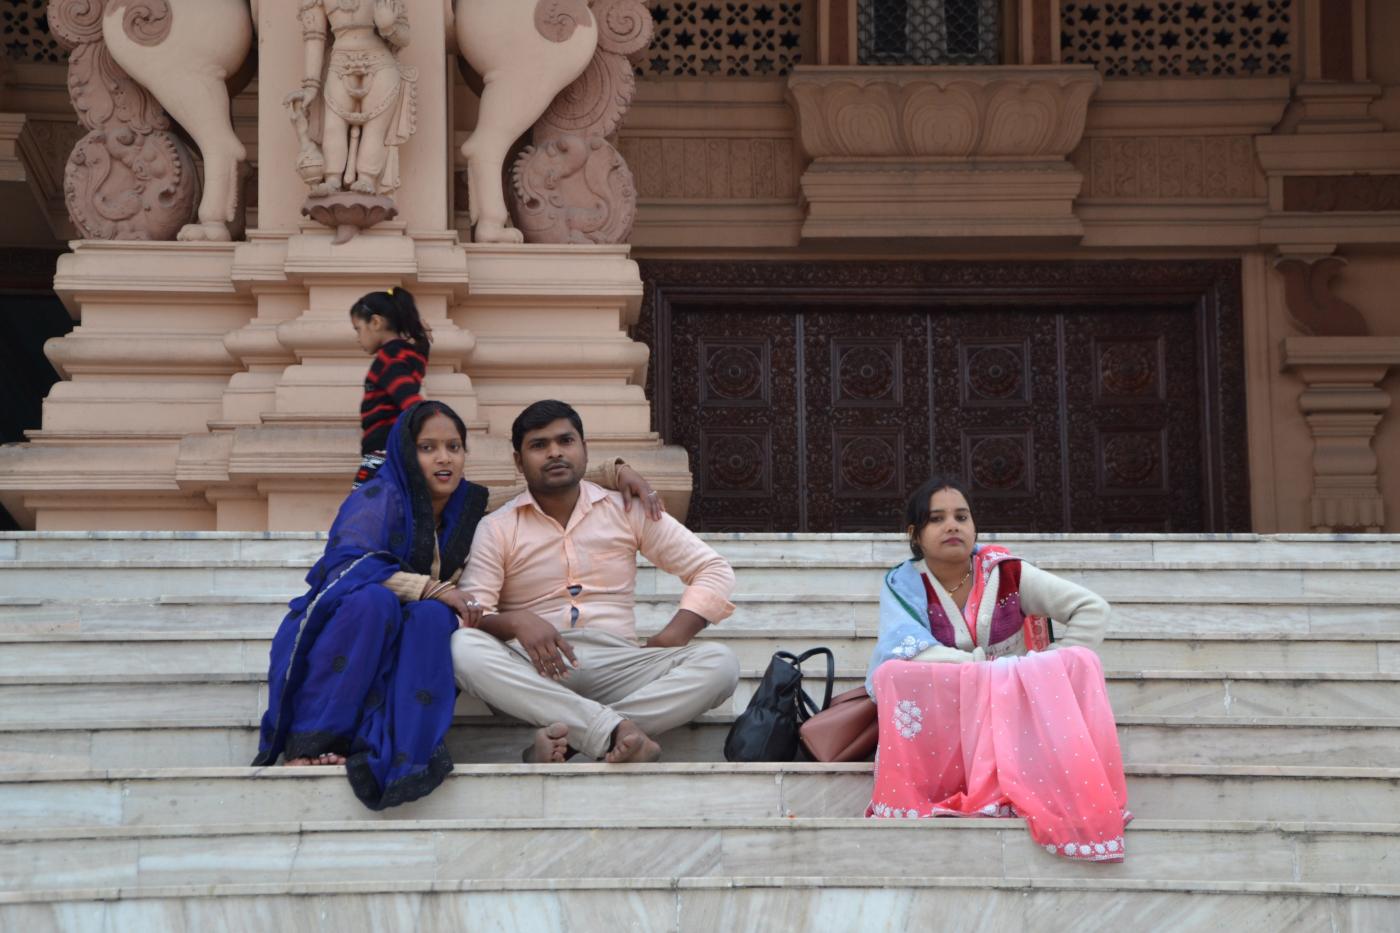 Фото 25. Вечерний храм. Туристы в Дели. 1/100, 5, 400, 55